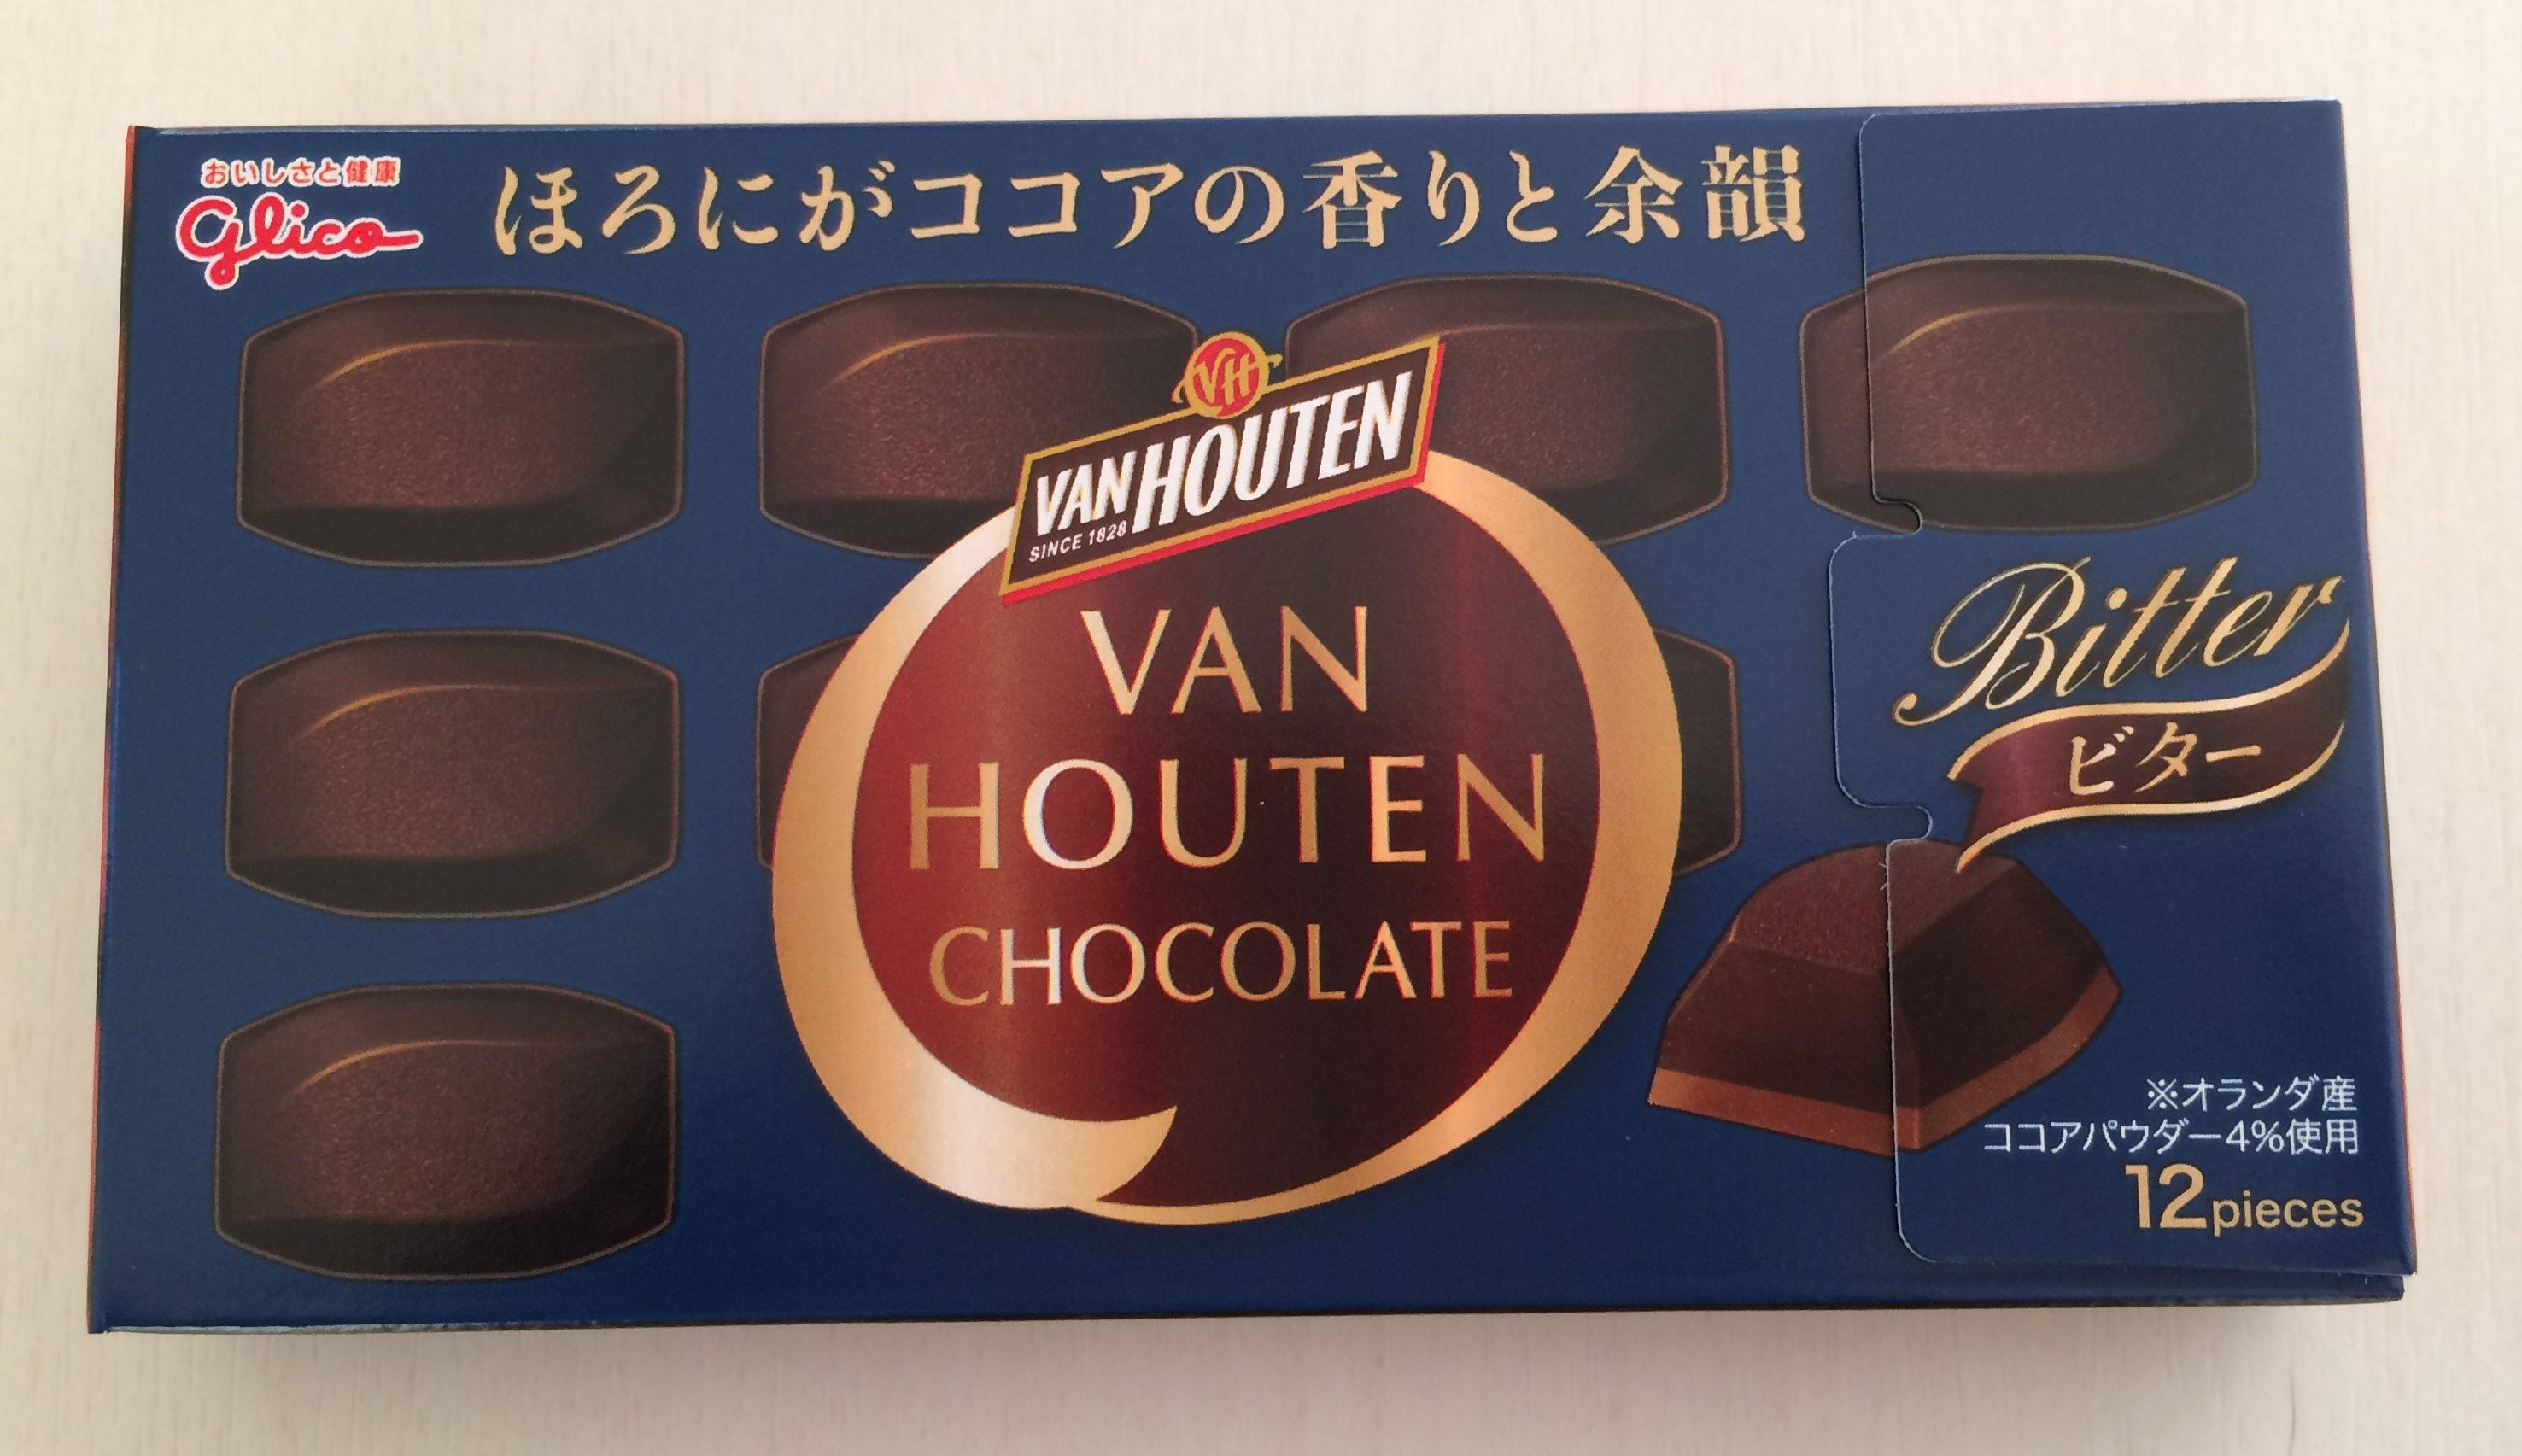 【江崎グリコ】バンホーテンチョコレート ビター 食べた感想